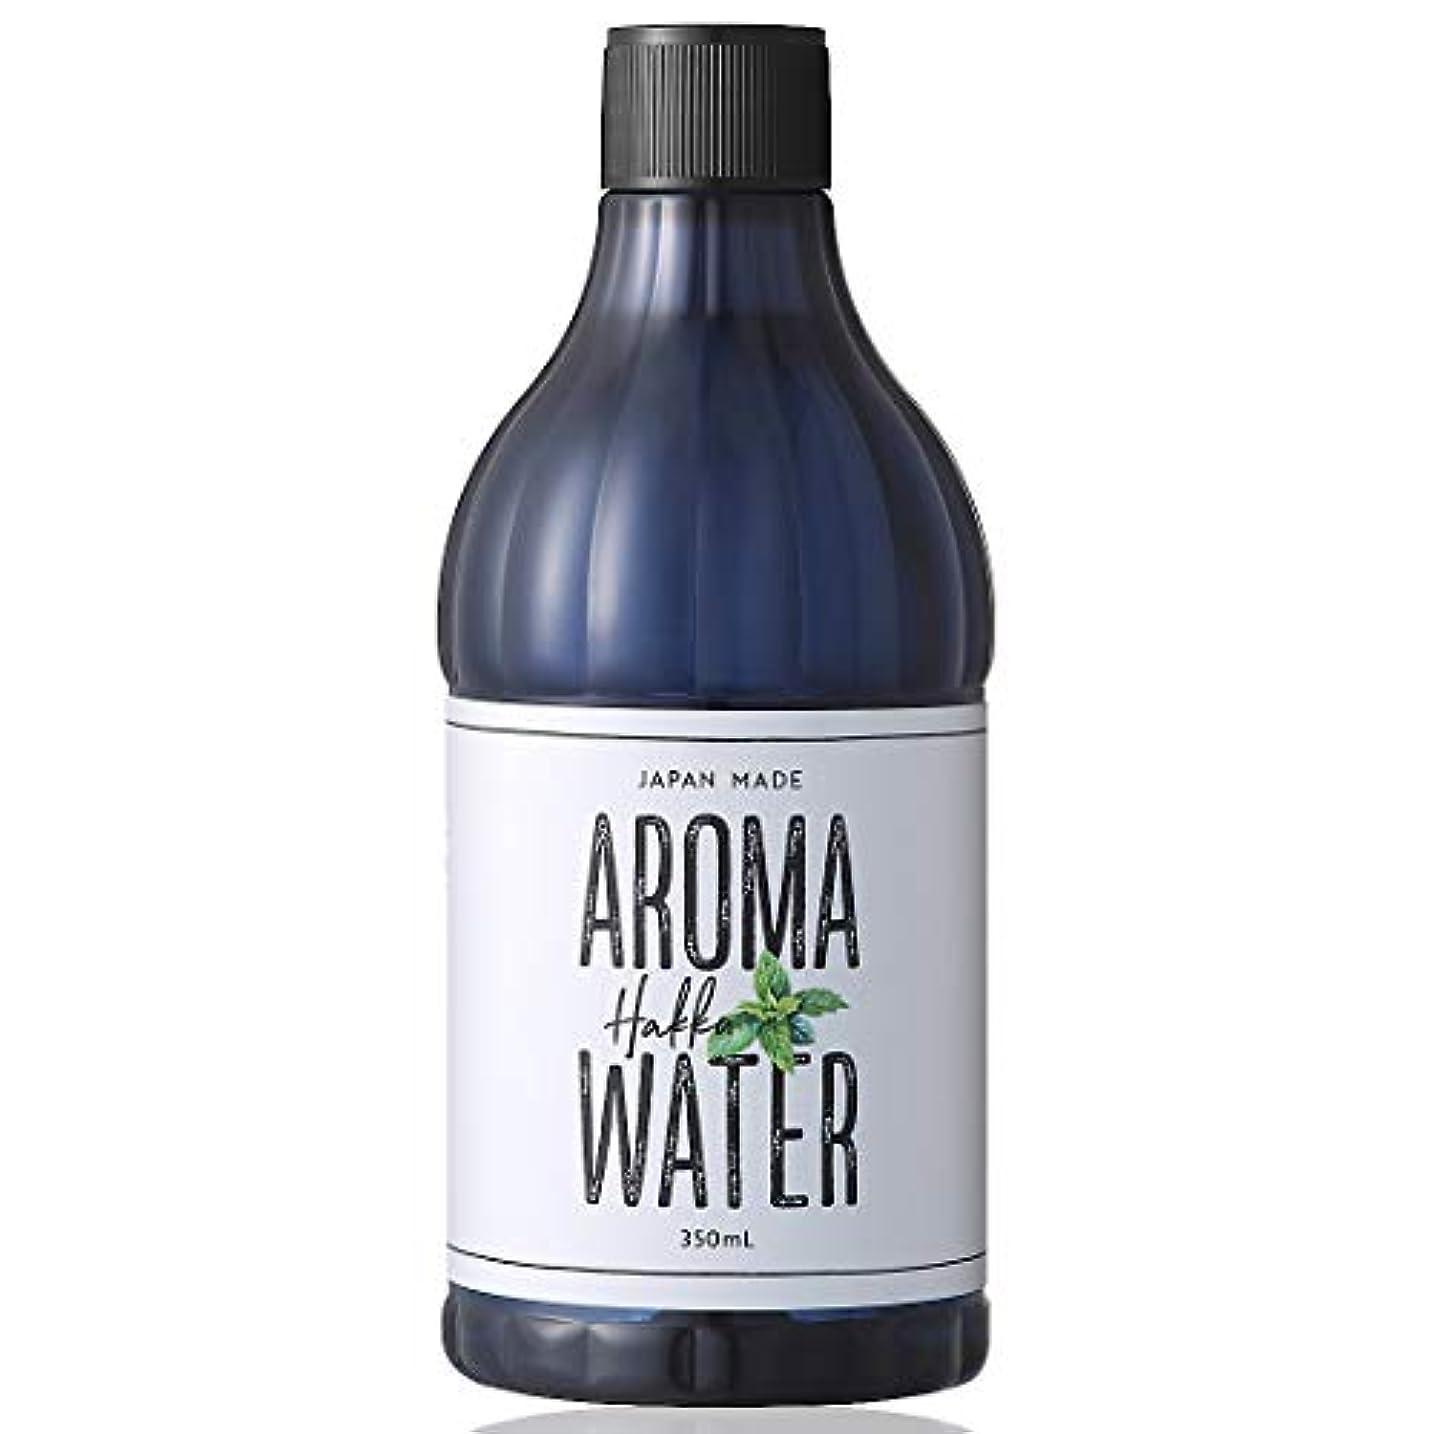 減少扇動する乳剤デイリーアロマジャパン アロマウォーター 加湿器用 350ml 日本製 水溶性アロマ - ハッカ